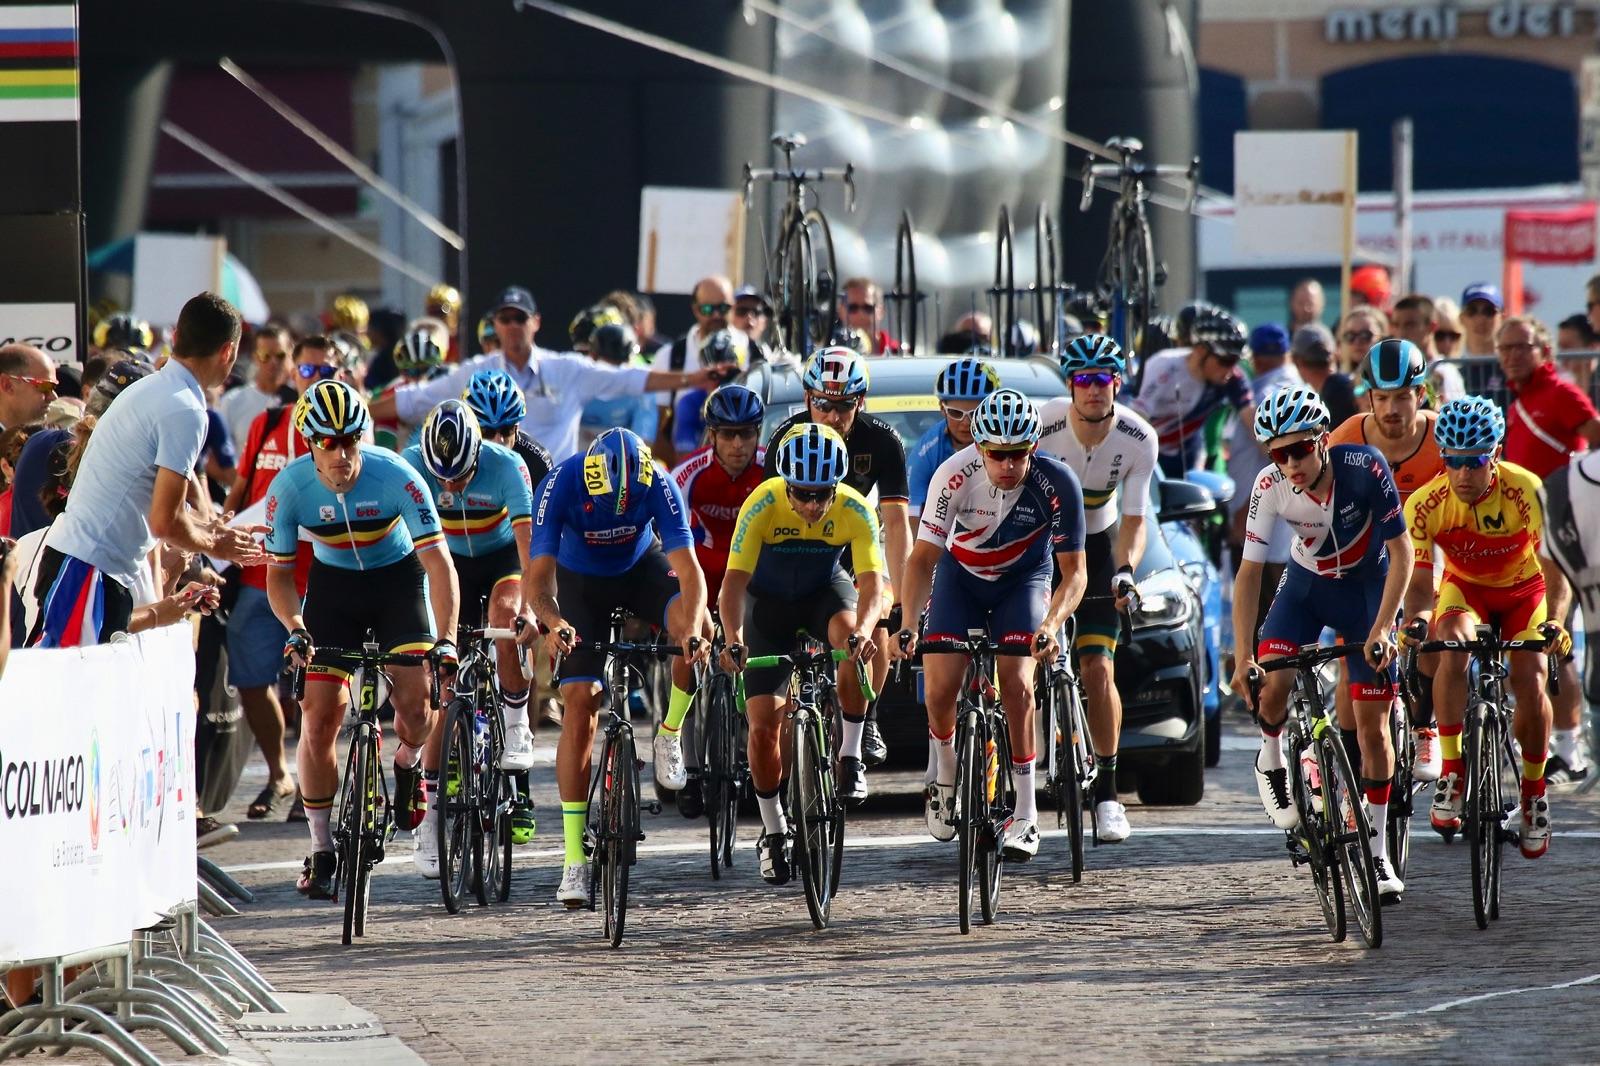 Viktiga UCI-poäng står på spel under världscupen i paracykel i Emmen, Nederländerna.